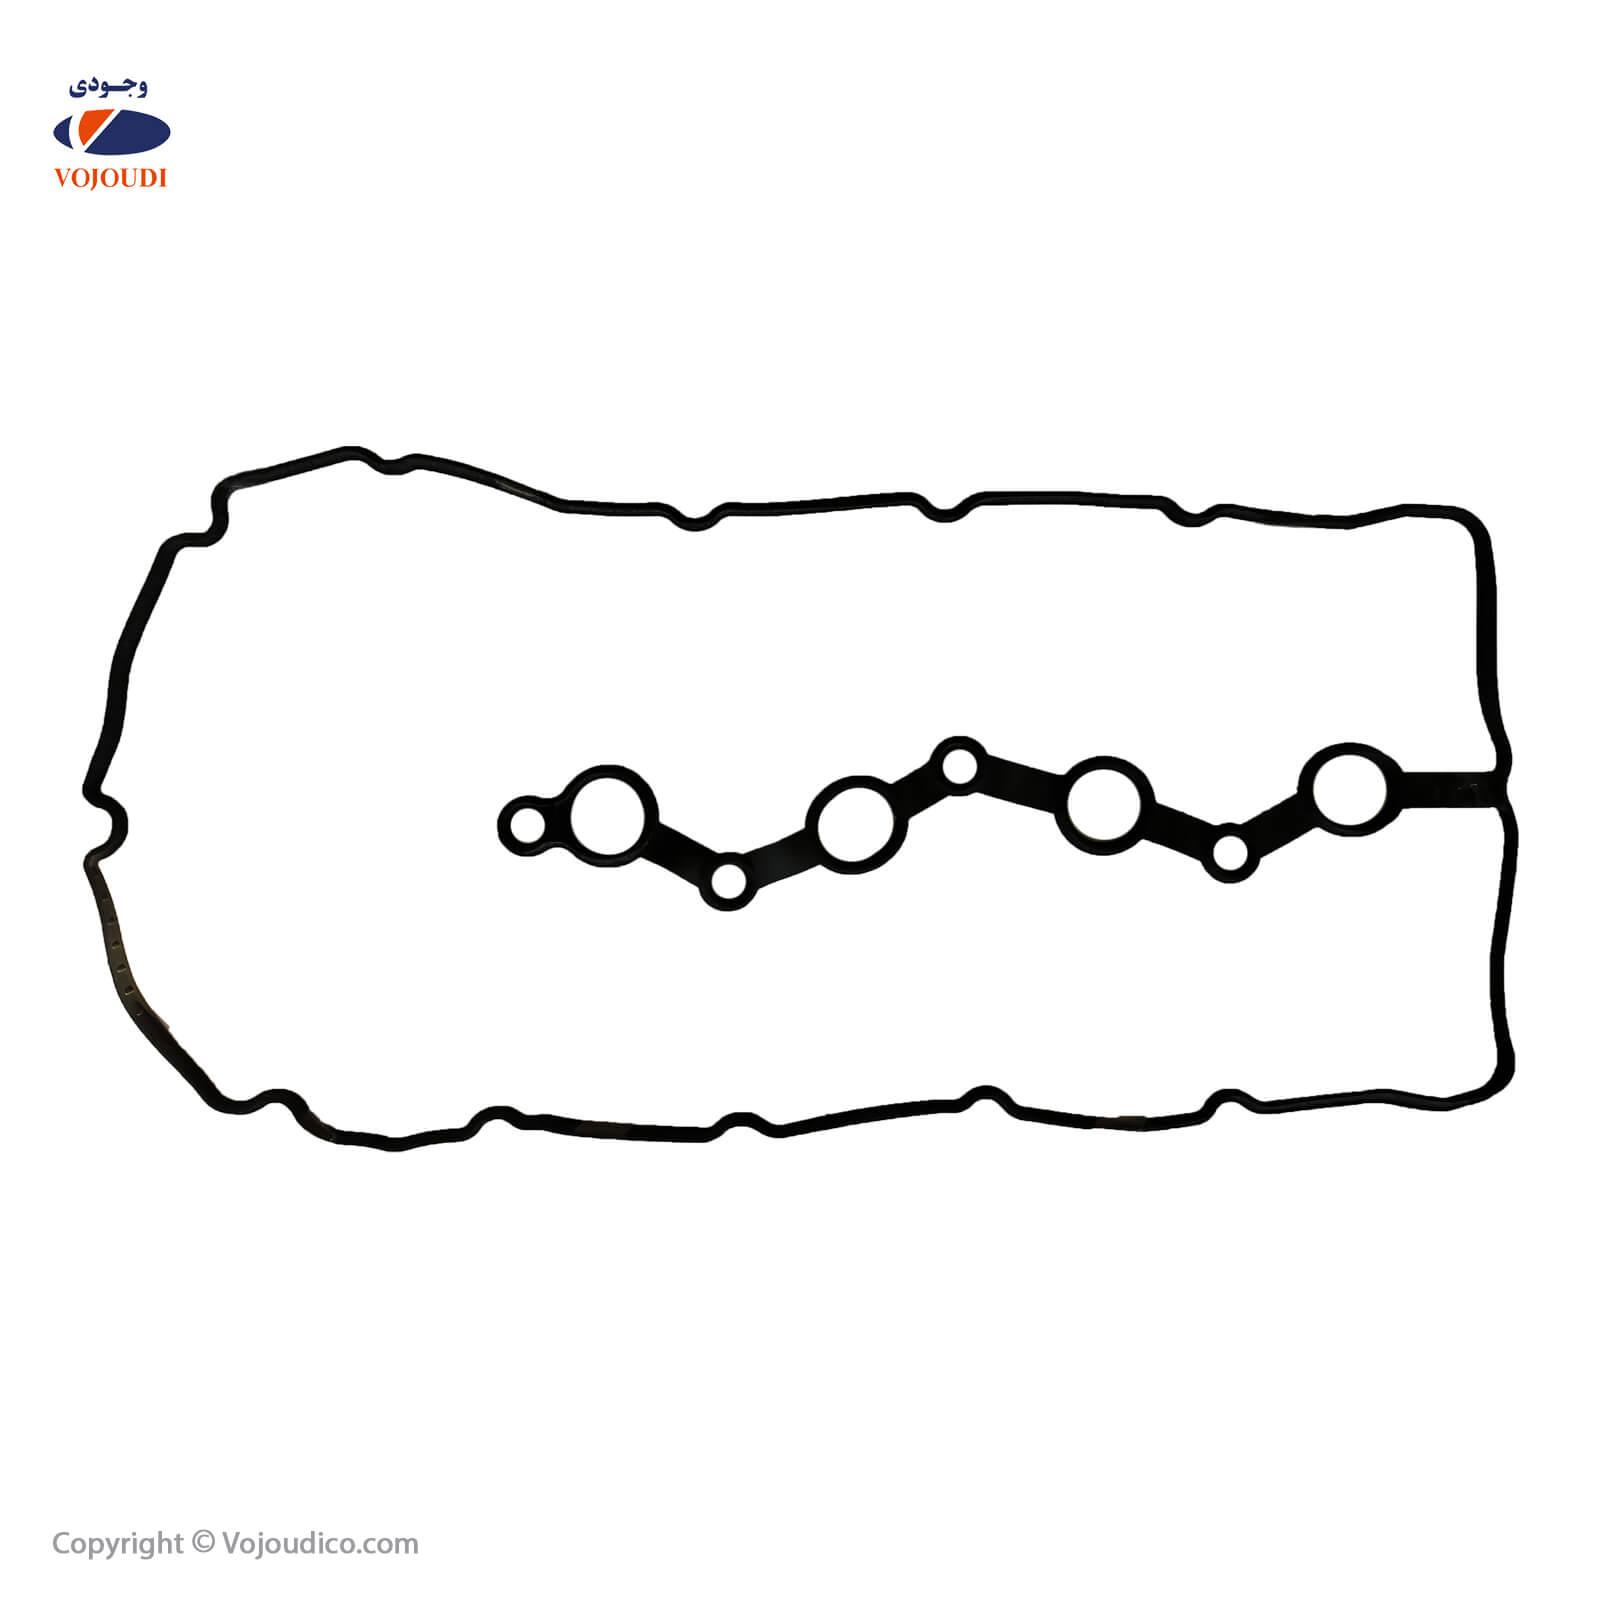 4446 1 - واشر درب سوپاپ وجودی کد 4446 ، تعداد در بسته : 5 عدد